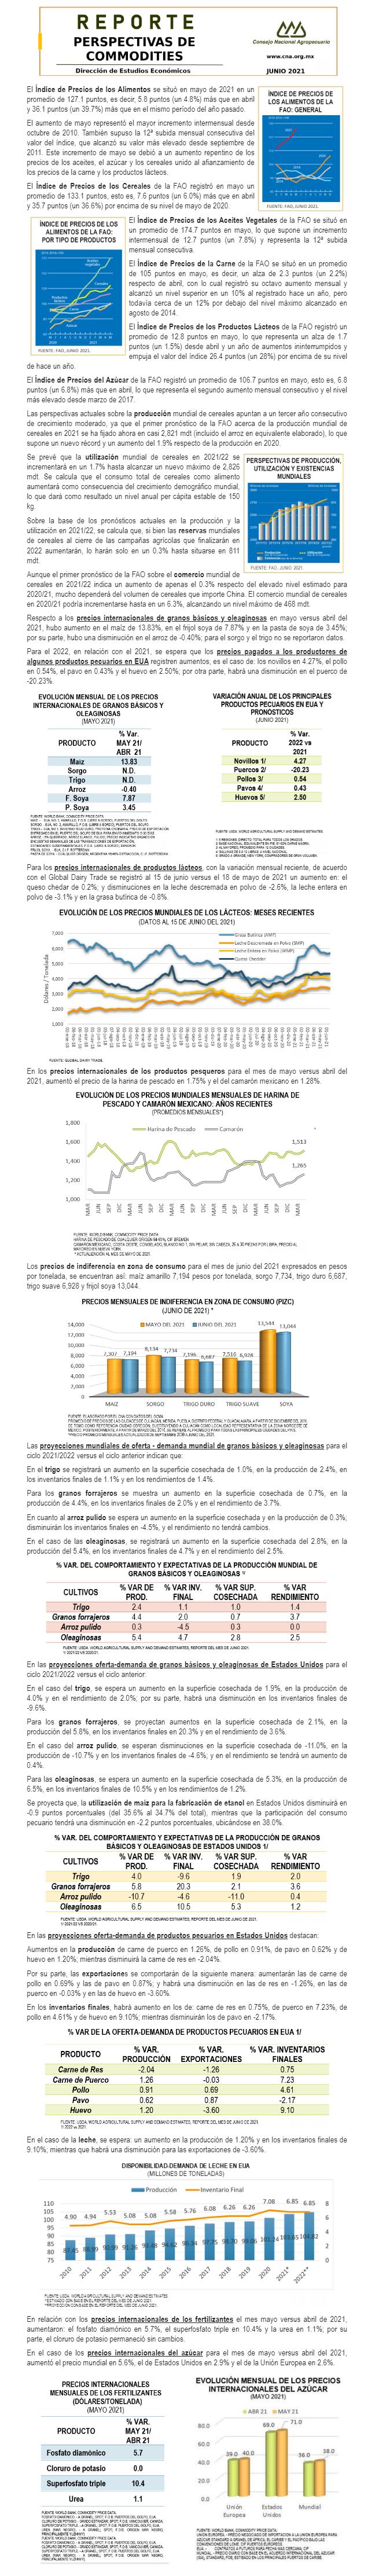 Reporte de Perspectivas Internacionales para los Commodities Agropecuarios de junio 2021